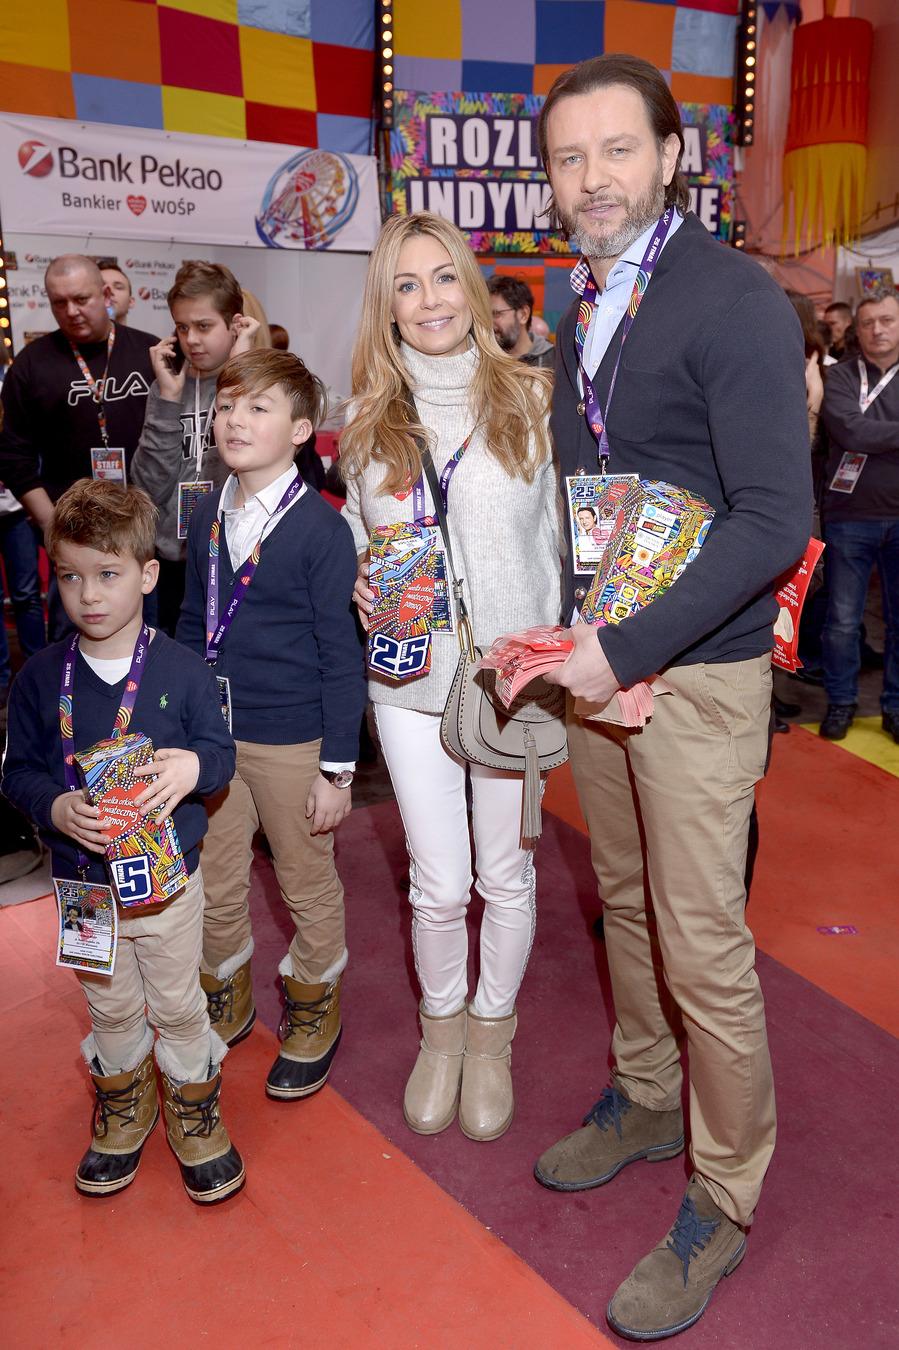 Małgorzata i Radosław Majdanowie z synami